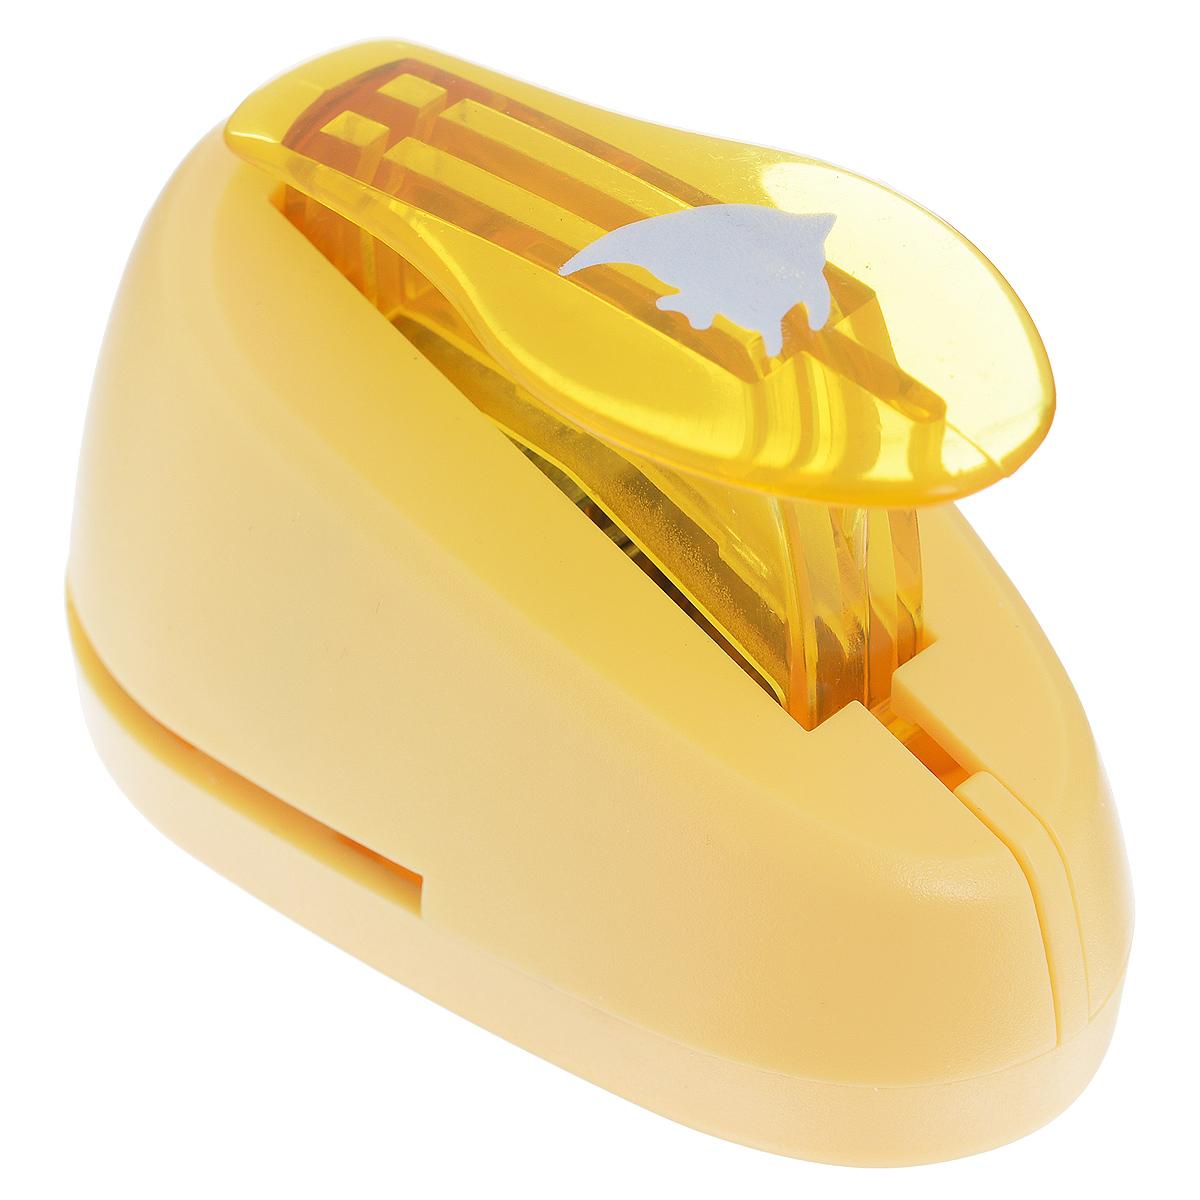 Дырокол фигурный Астра Рыбка. CD-99S7709603_90Дырокол Астра Рыбка поможет вам легко, просто и аккуратно вырезать много одинаковых мелких фигурок. Режущие части компостера закрыты пластмассовым корпусом, что обеспечивает безопасность для детей. Вырезанные фигурки накапливаются в специальном резервуаре. Можно использовать вырезанные мотивы как конфетти или для наклеивания. Дырокол подходит для разных техник: декупажа, скрапбукинга, декорирования. Размер дырокола: 7 см х 4 см х 5 см. Размер готовой фигурки: 1 см х 1,3 см.